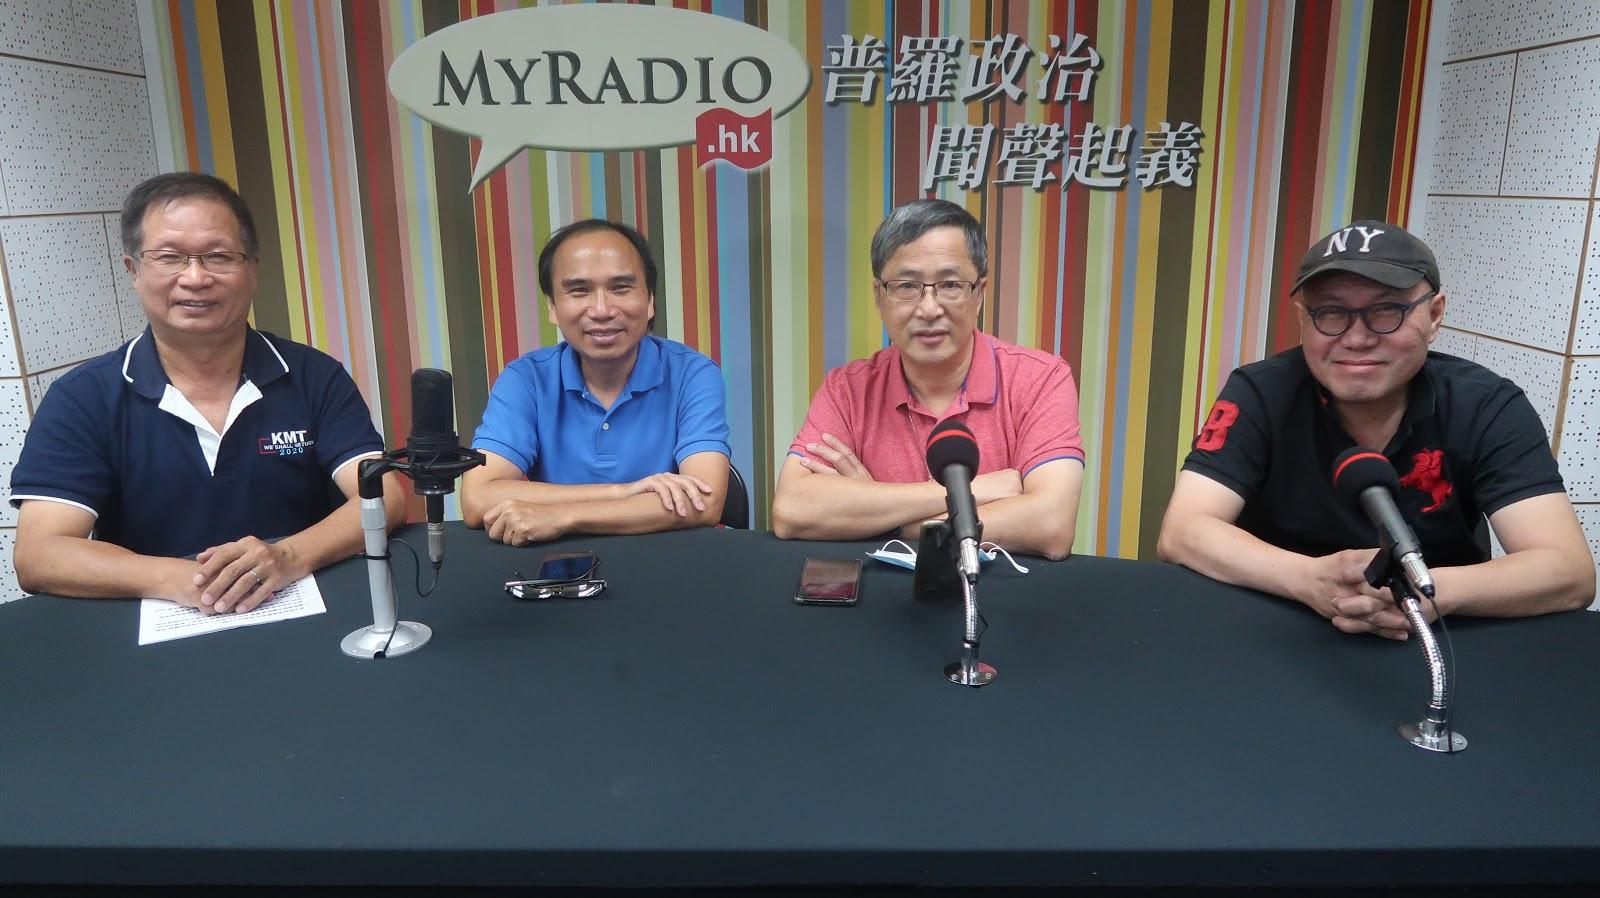 MyRadio.HK 臺務網誌: 天天天藍 200713 ep372